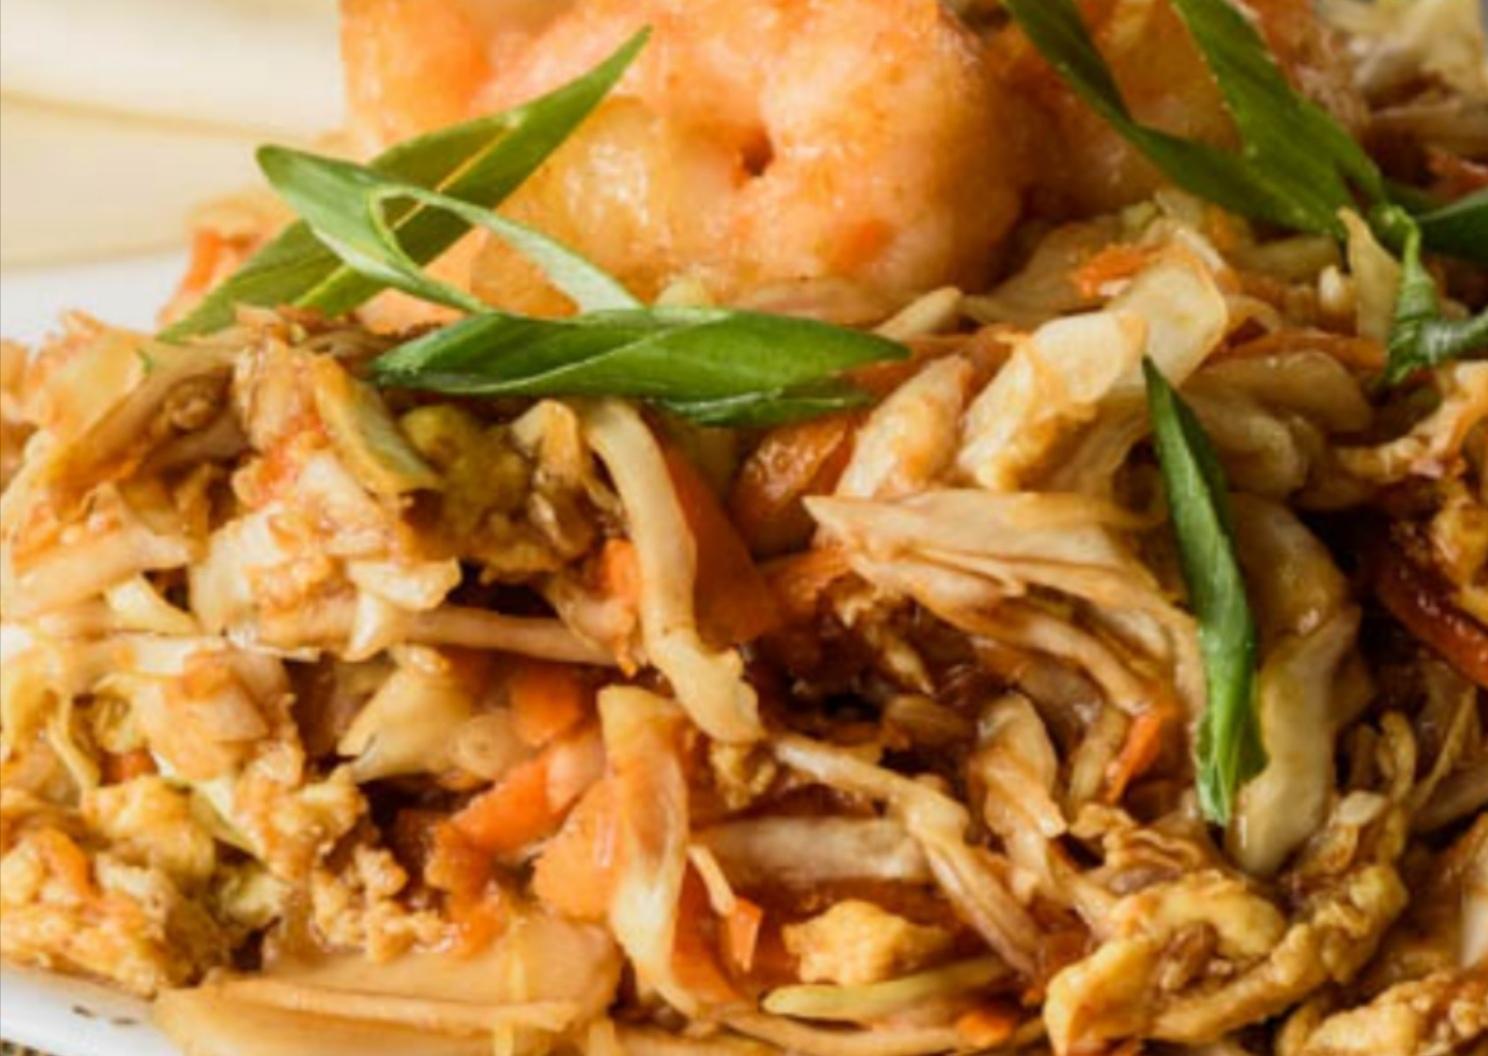 Moo-shu Shrimps